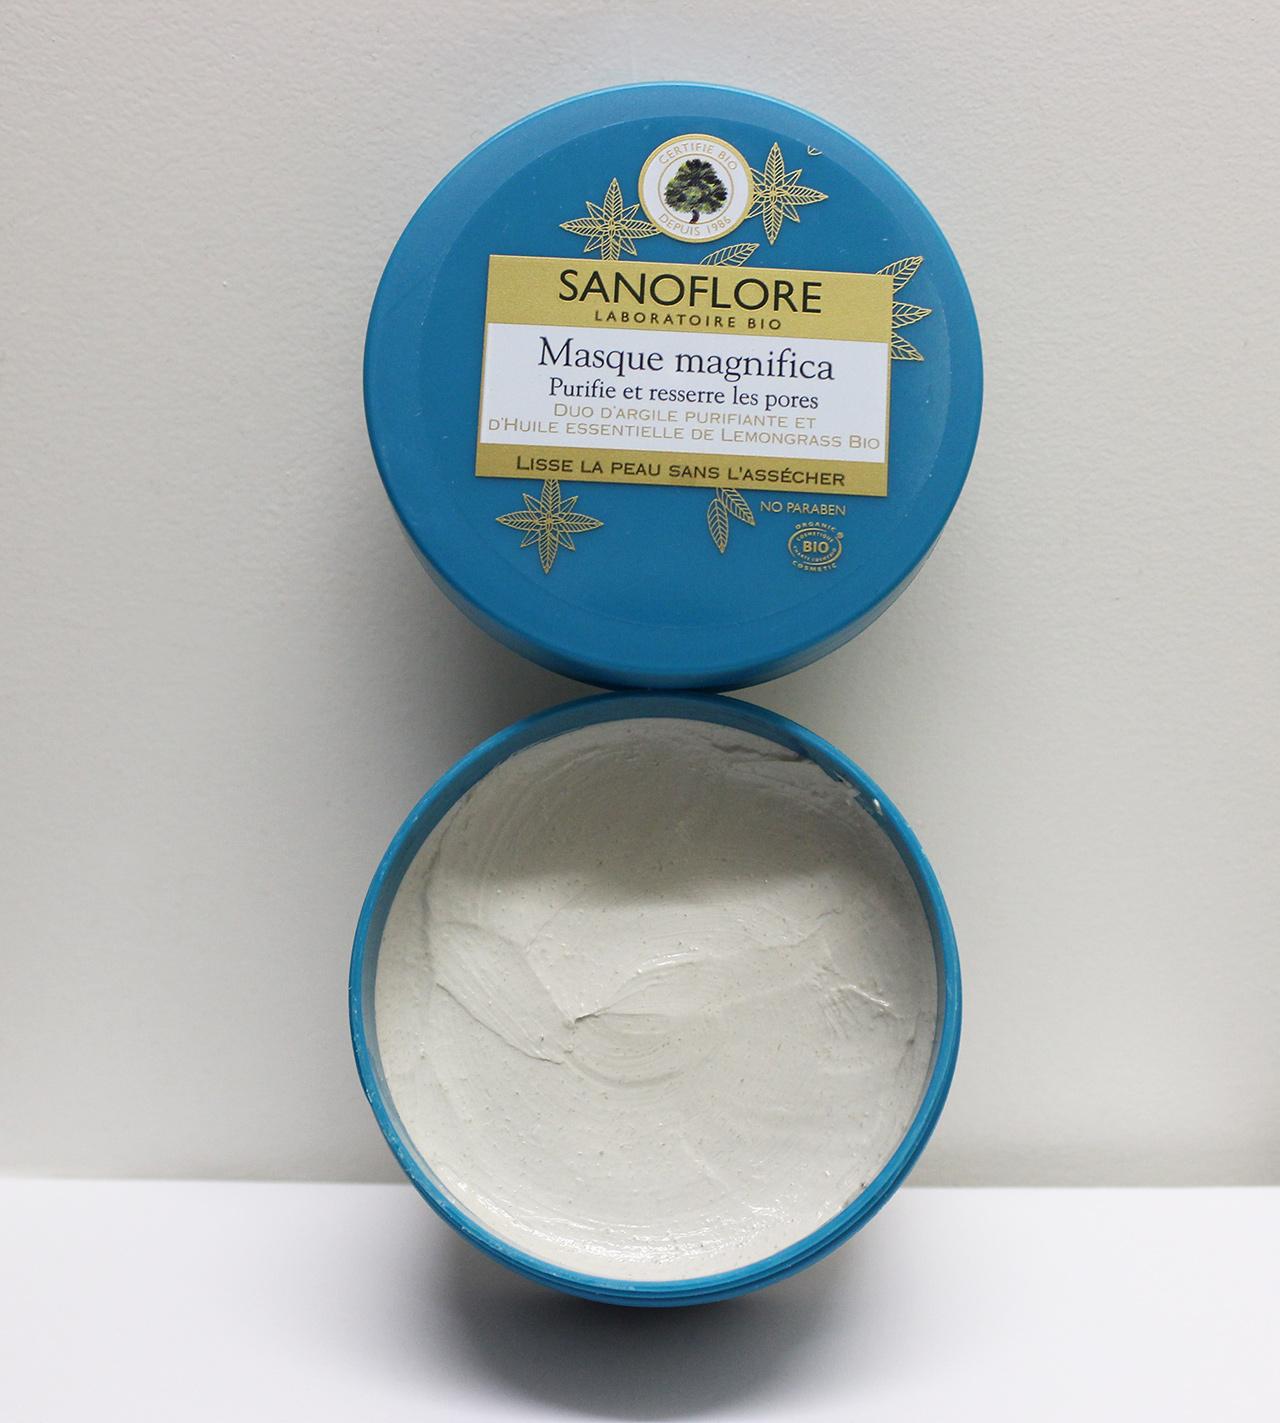 Sanoflore Masque argile